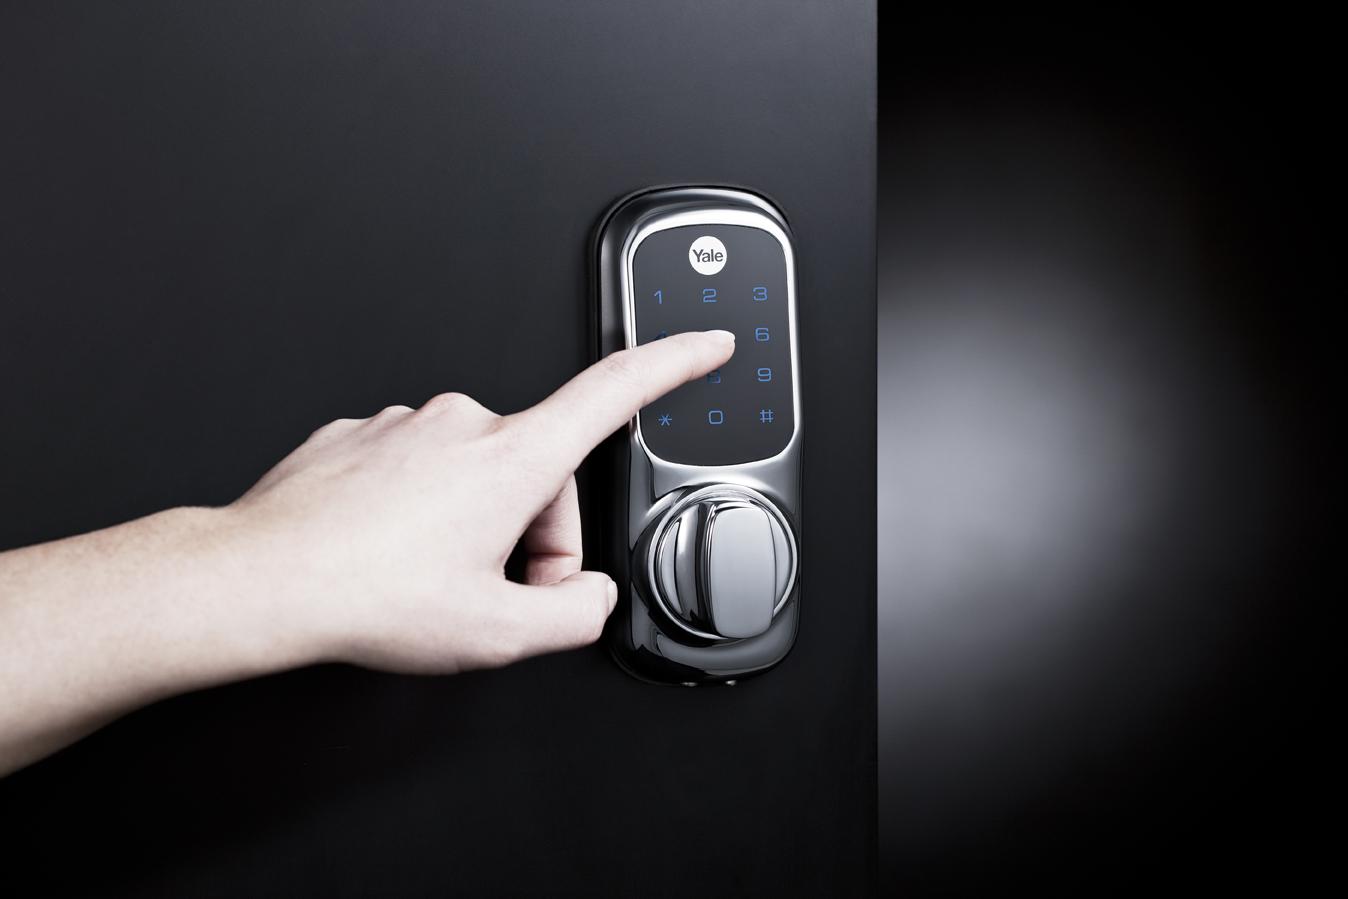 The door industry journal yale door and window solutions for Door yale lock